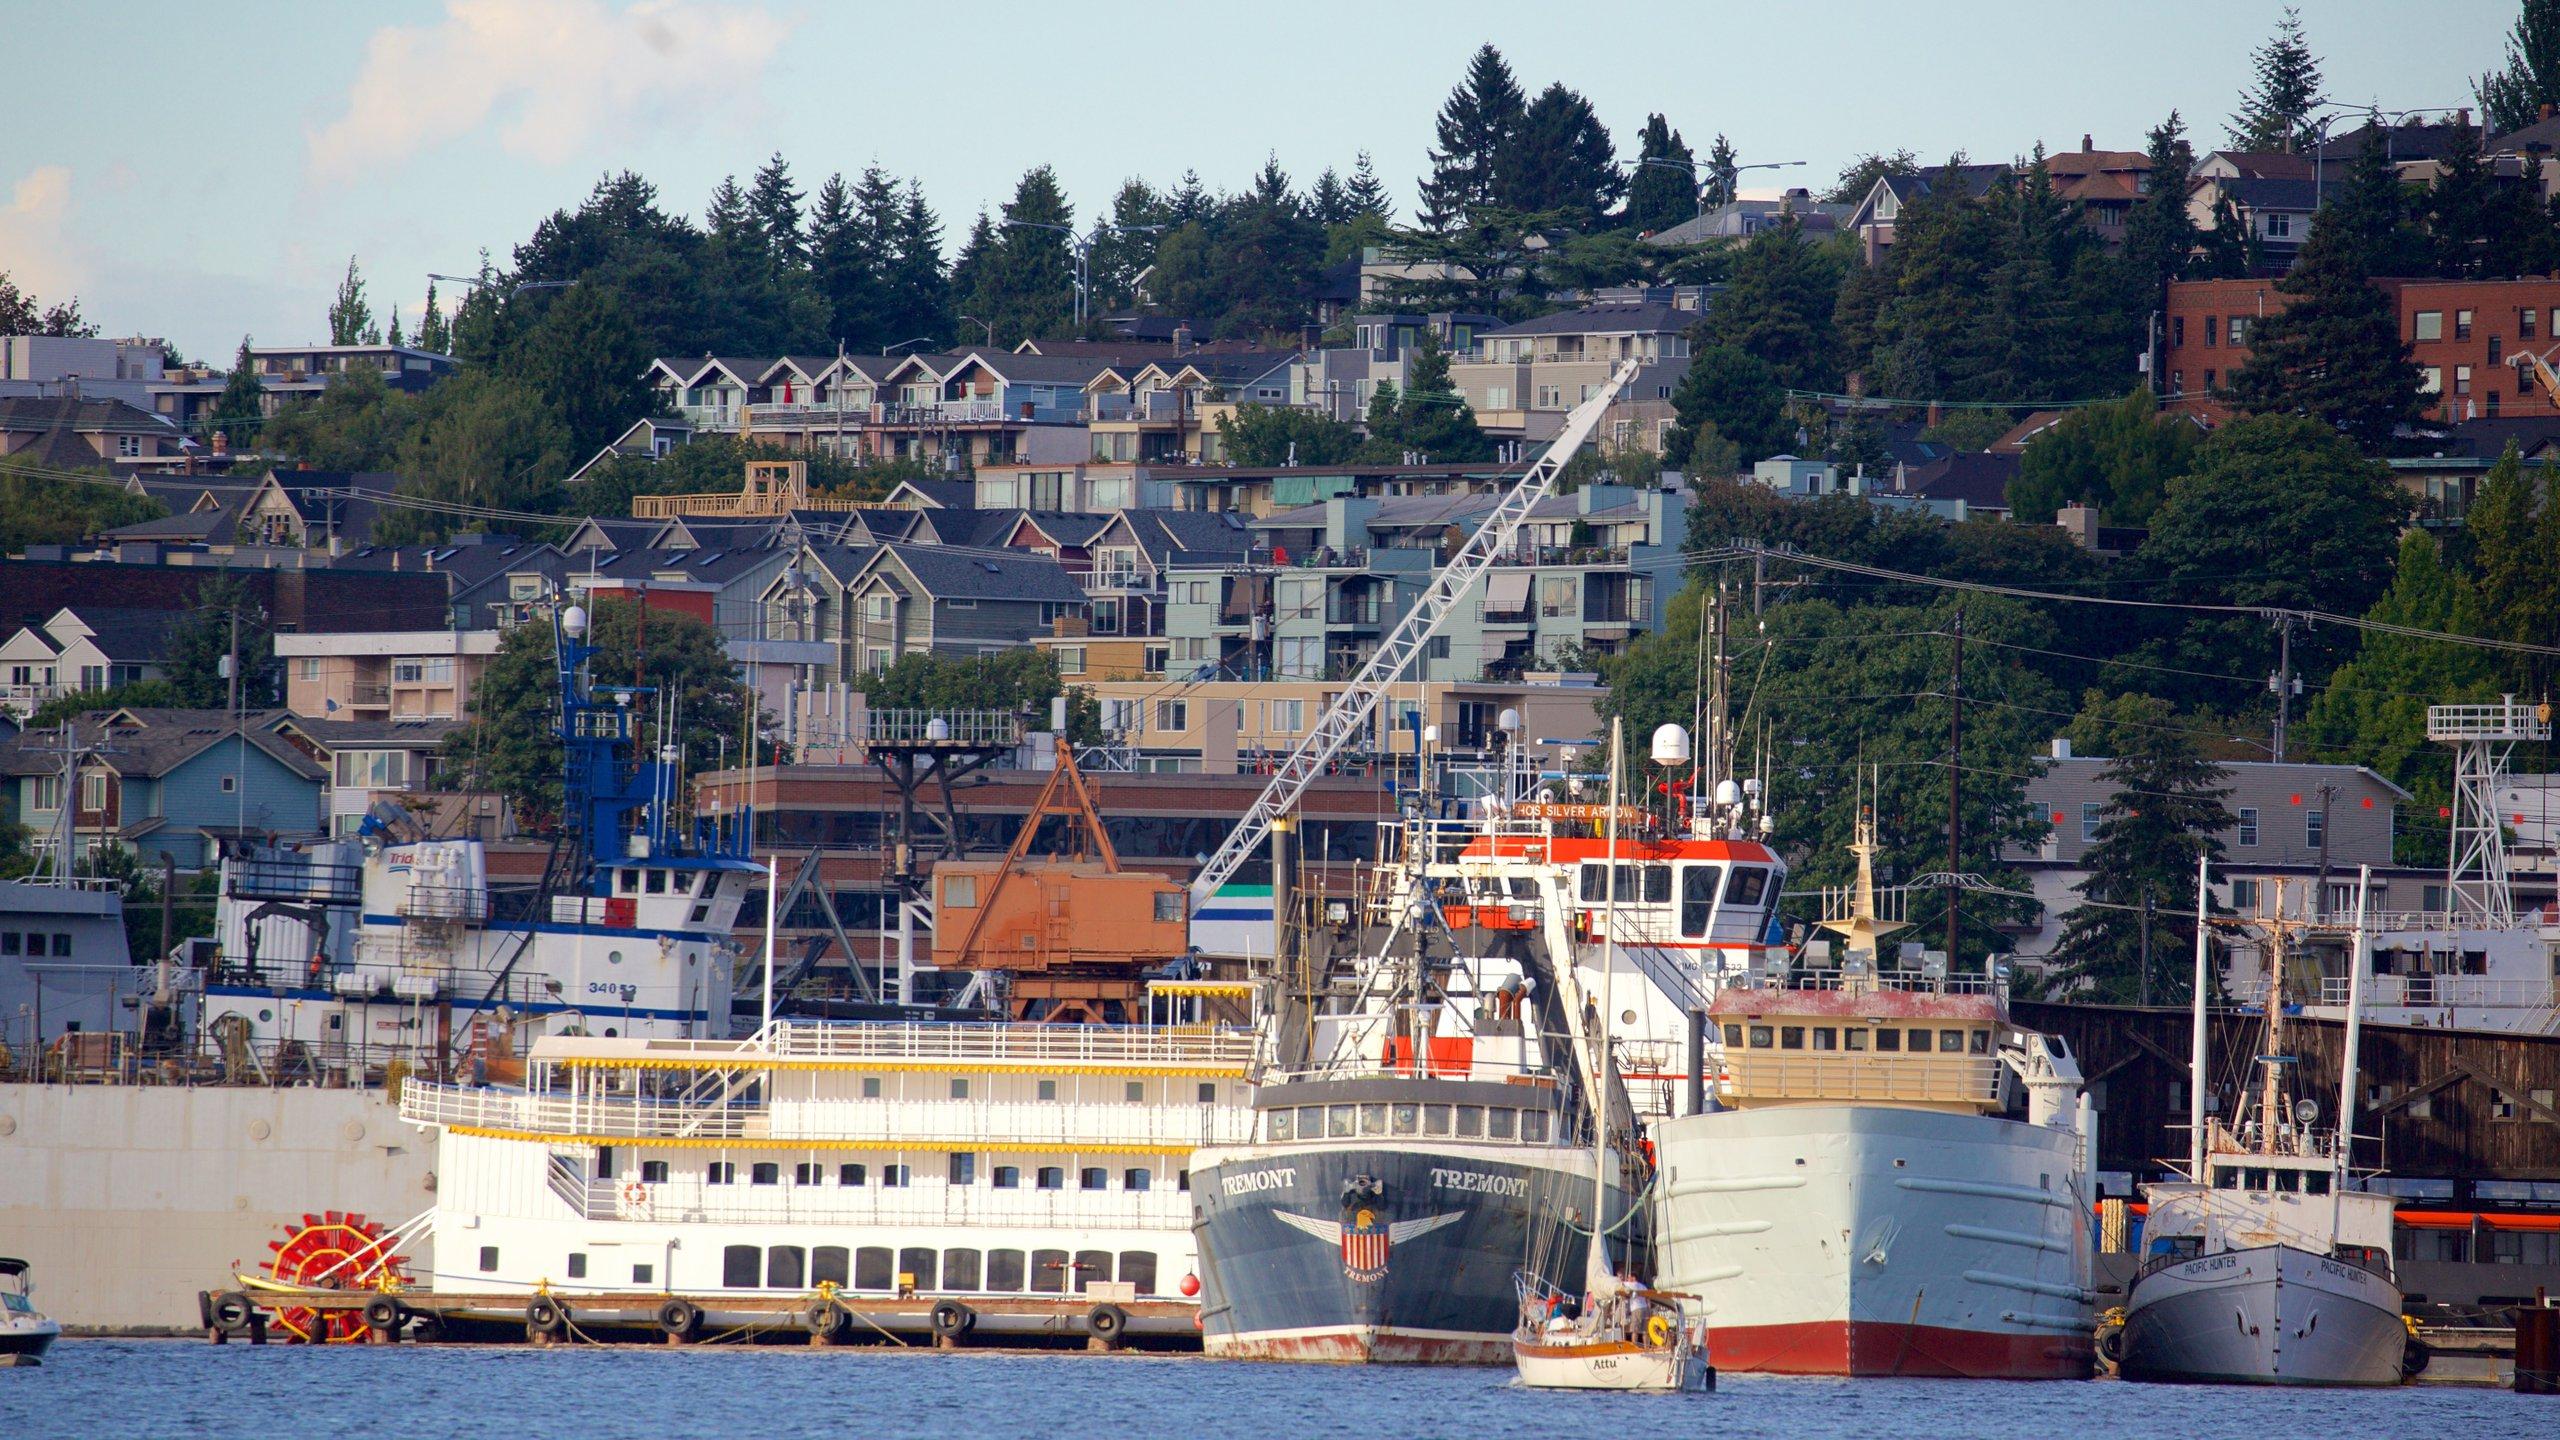 South Lake Union, Seattle, Washington, United States of America